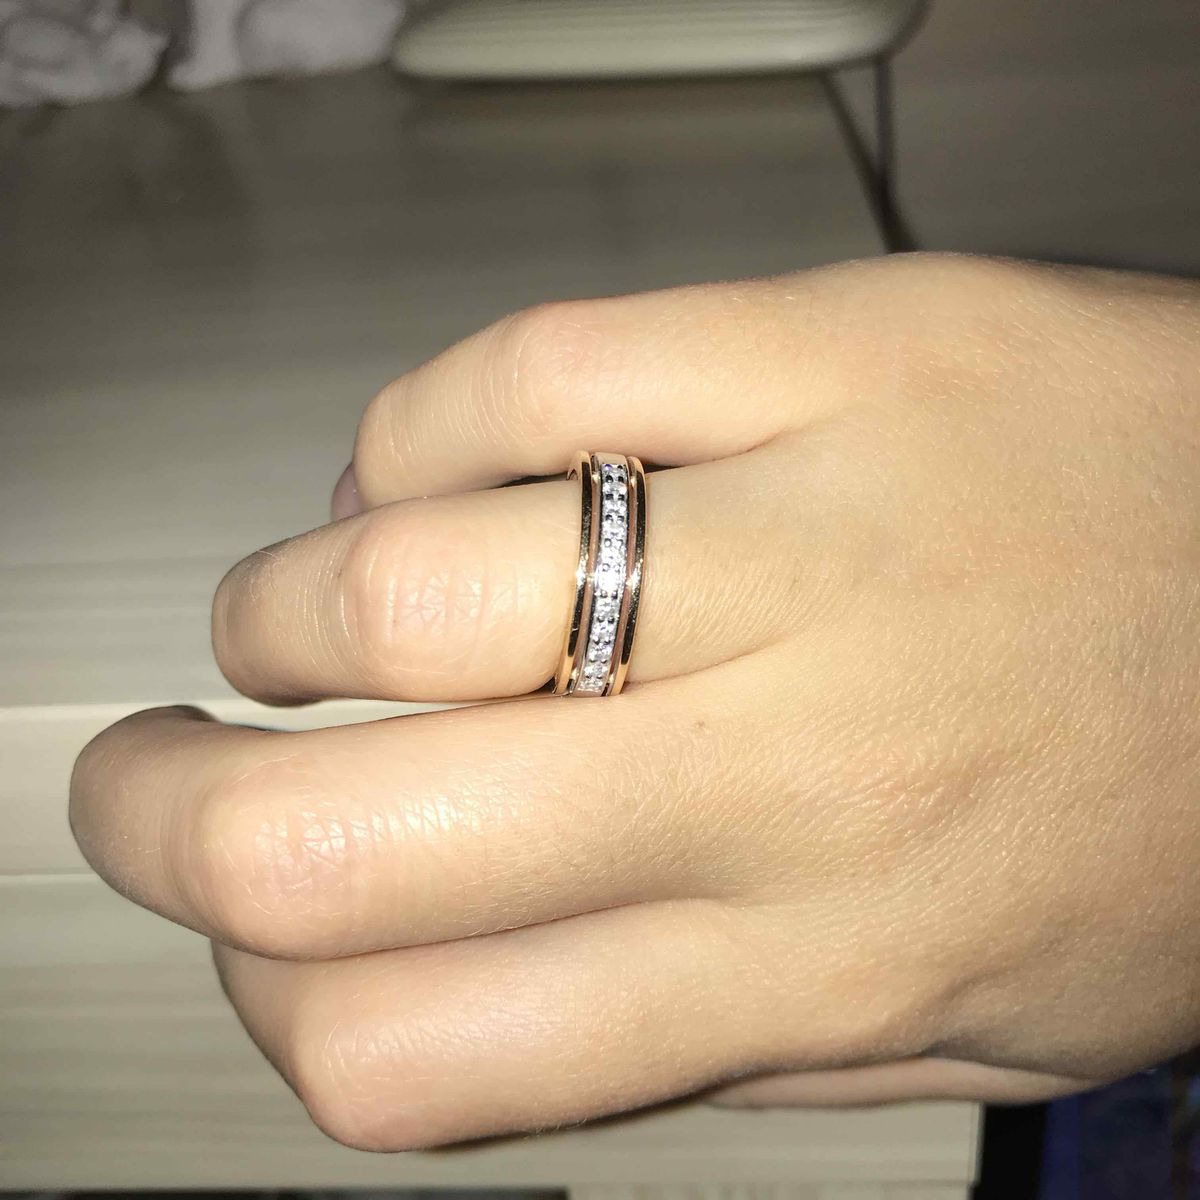 Это кольцо превосходно)